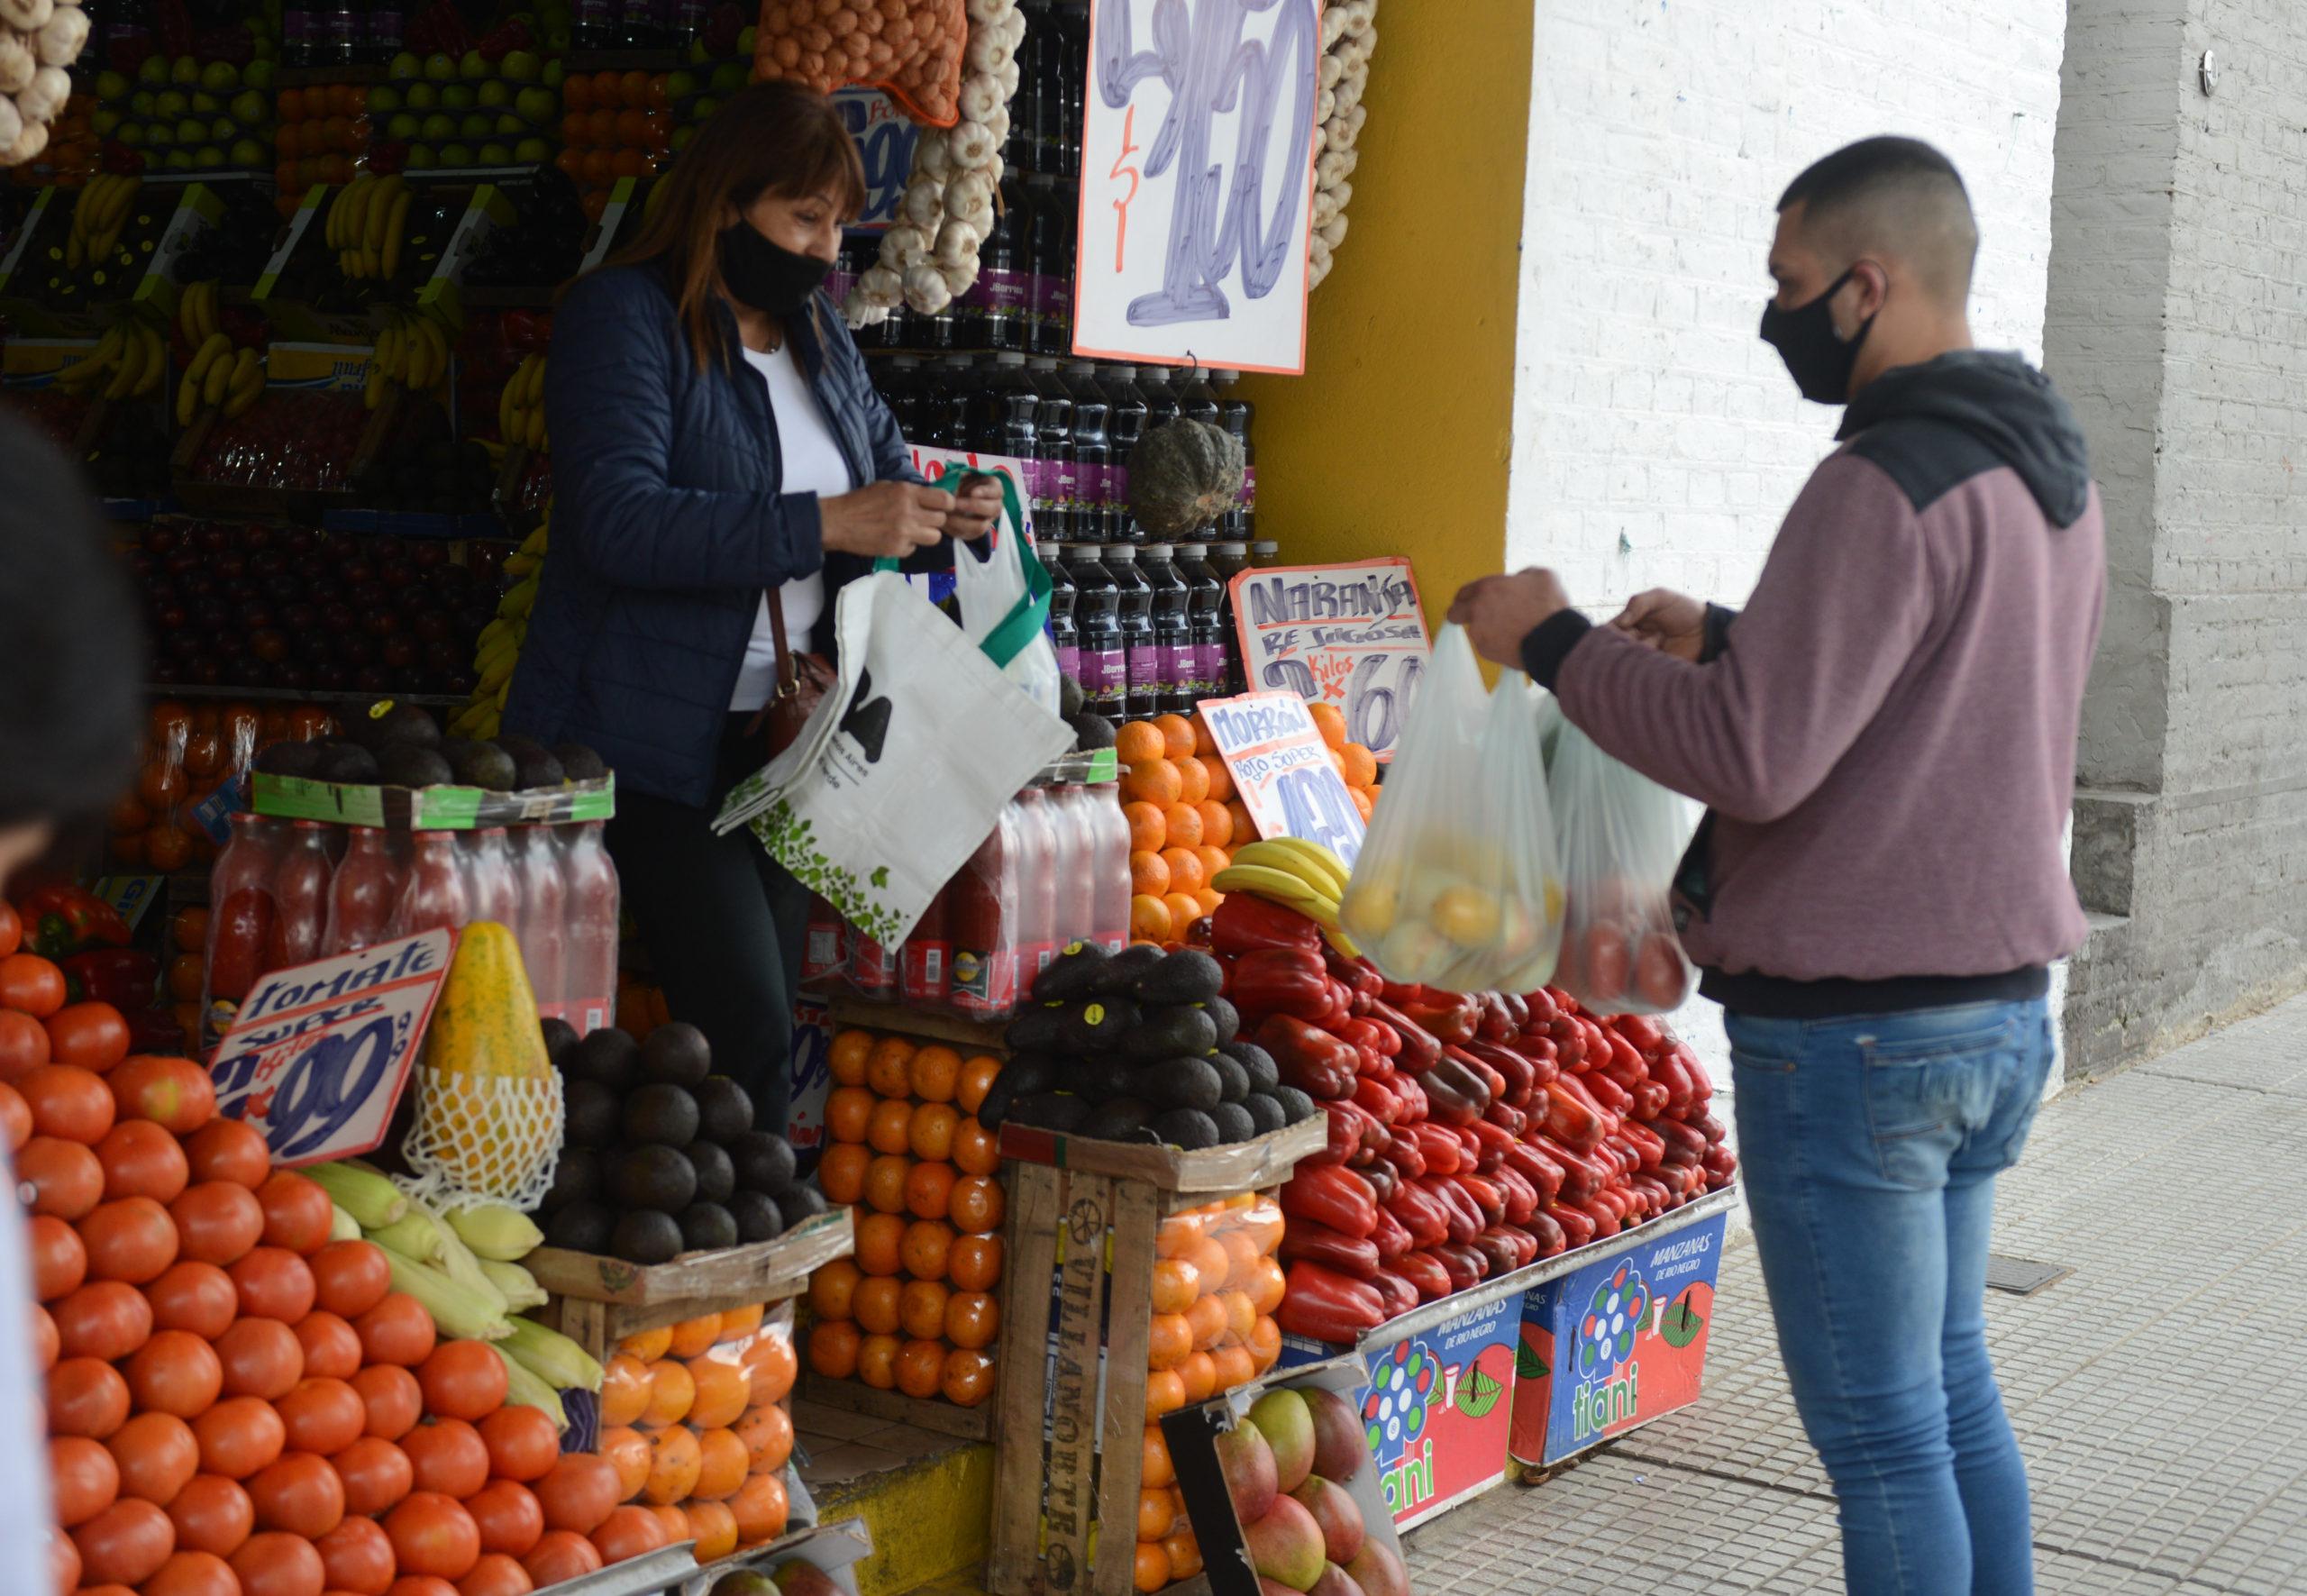 Las verduras aumentaron el 40% durante la pandemia